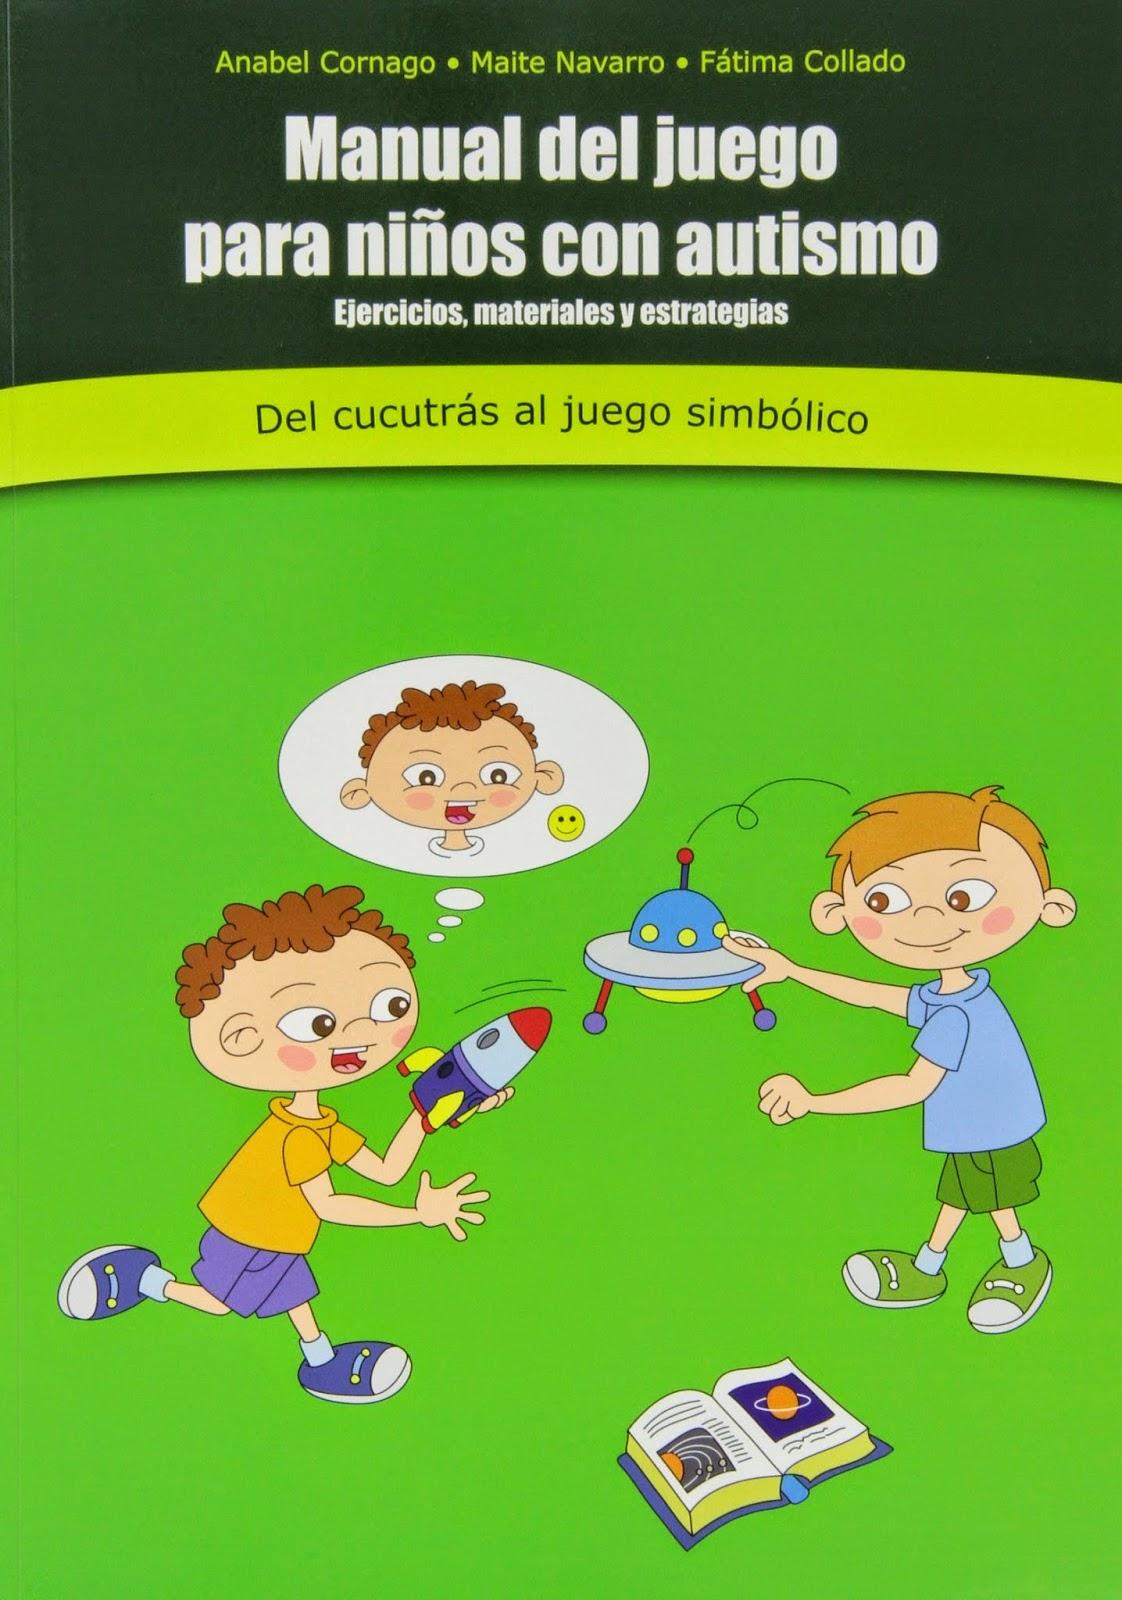 http://www.casadellibro.com/libro-manual-del-juego-para-ninos-con-autismo-del-cucutras-al-juego-si-mbolico/9788494100093/2113094